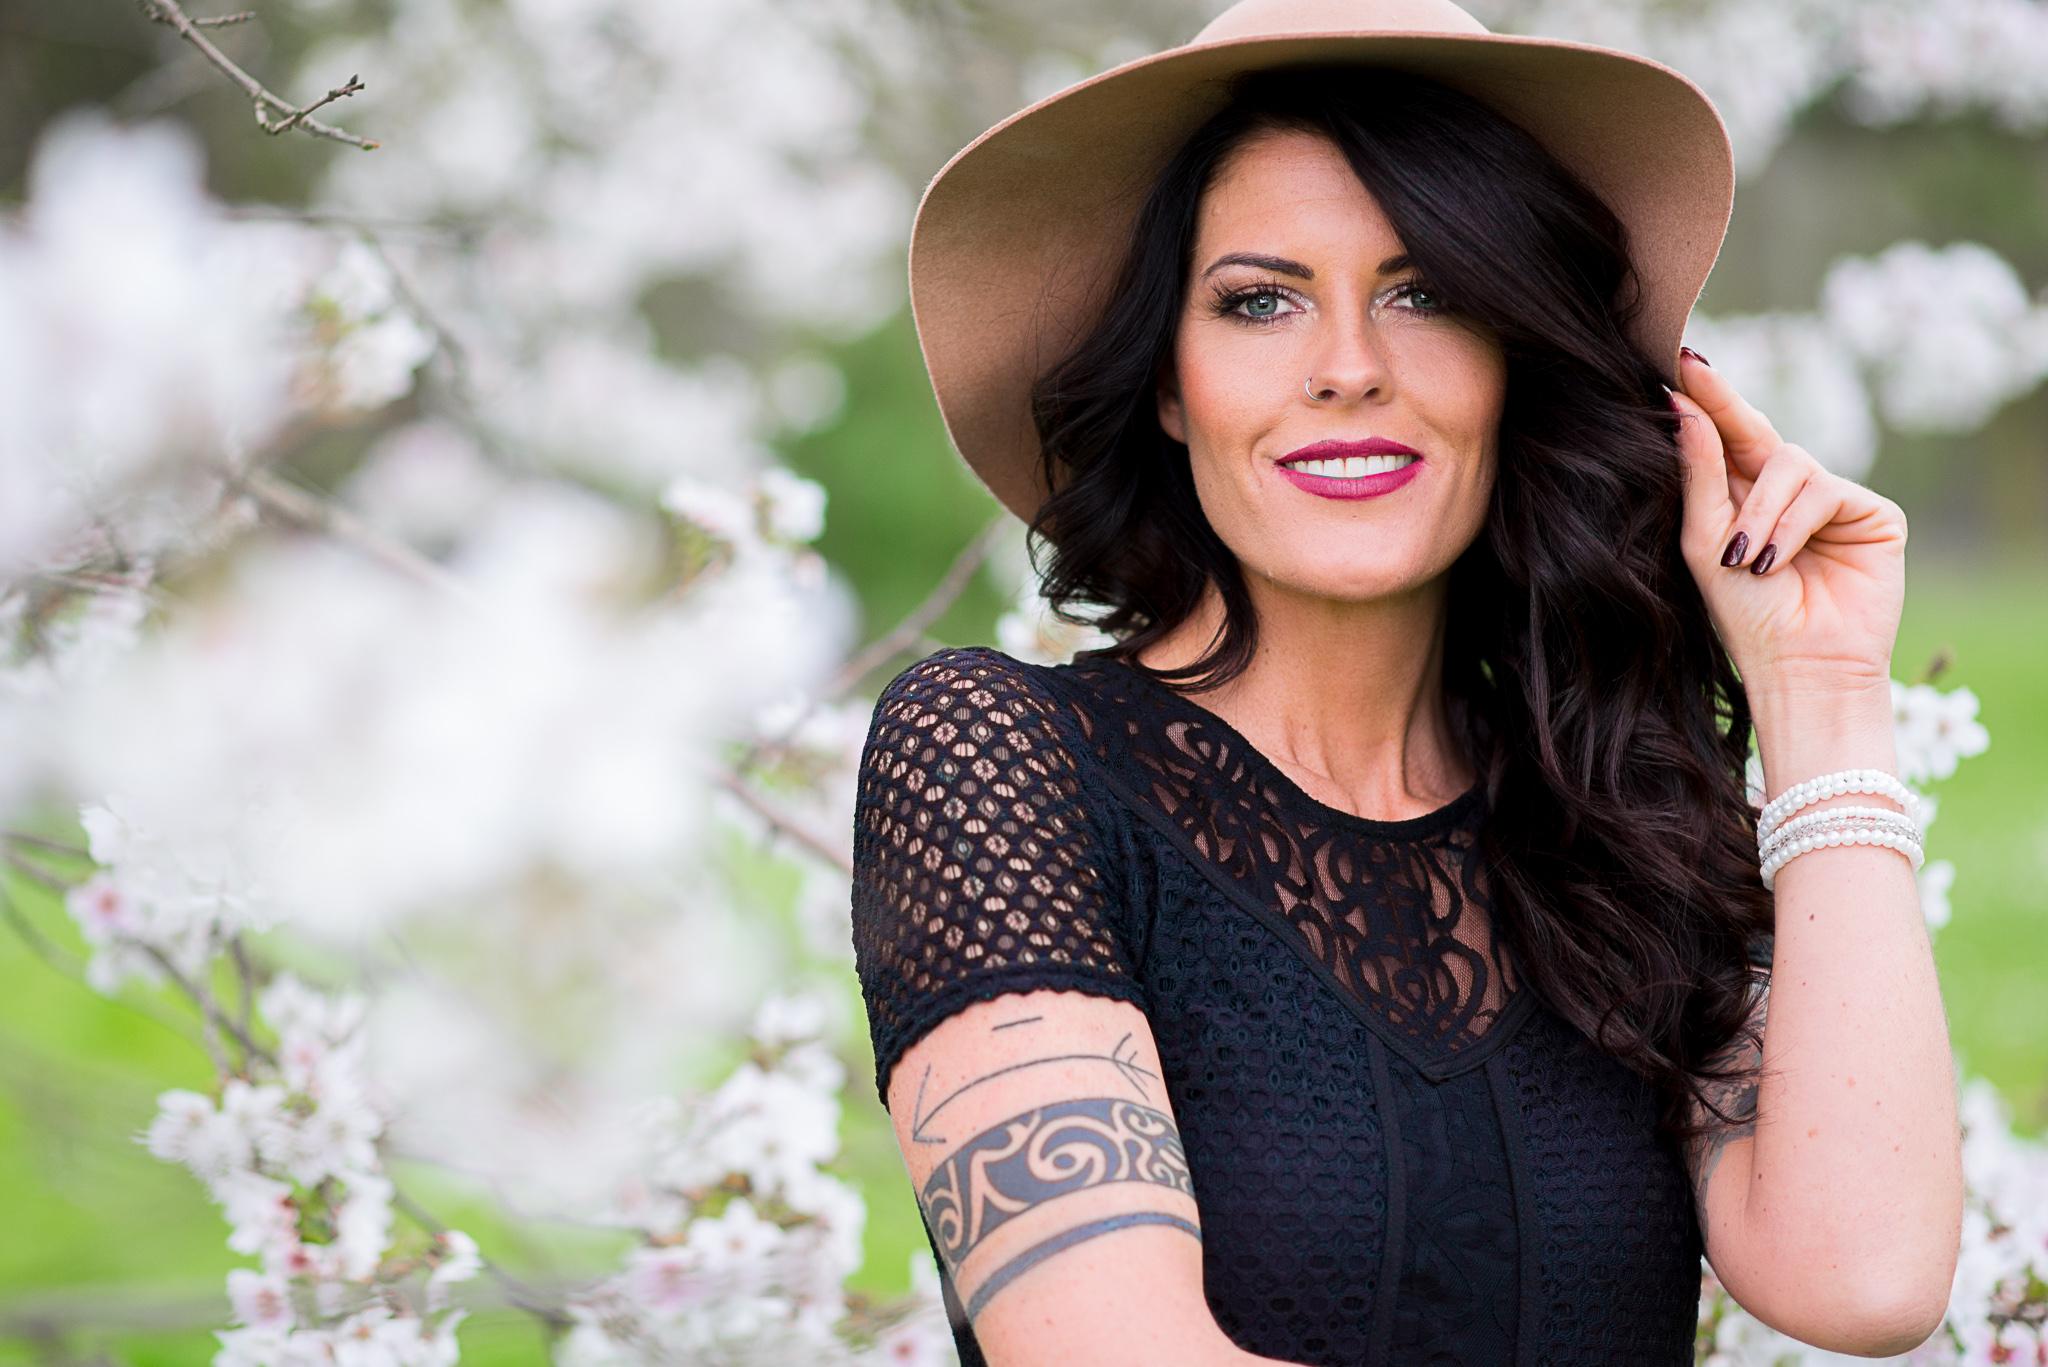 Portrait einer schönen Frau mit Hut und schwarzen Haaren im Forstbotanischengarten Garten in Köln